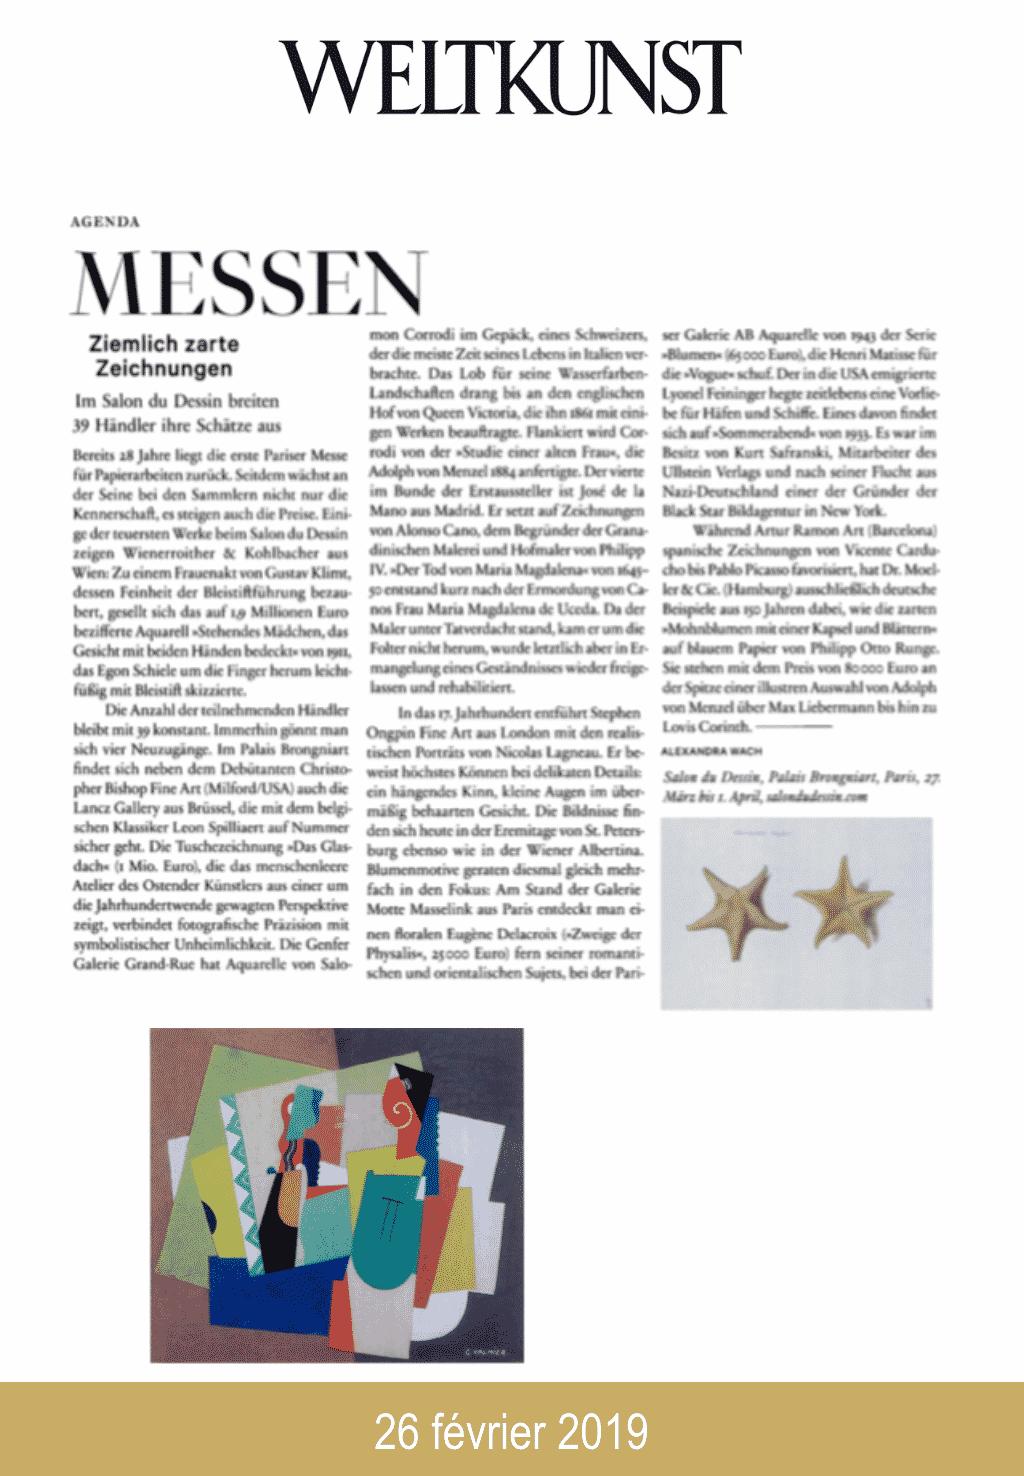 Presse salon du dessin 2019 Welkunst